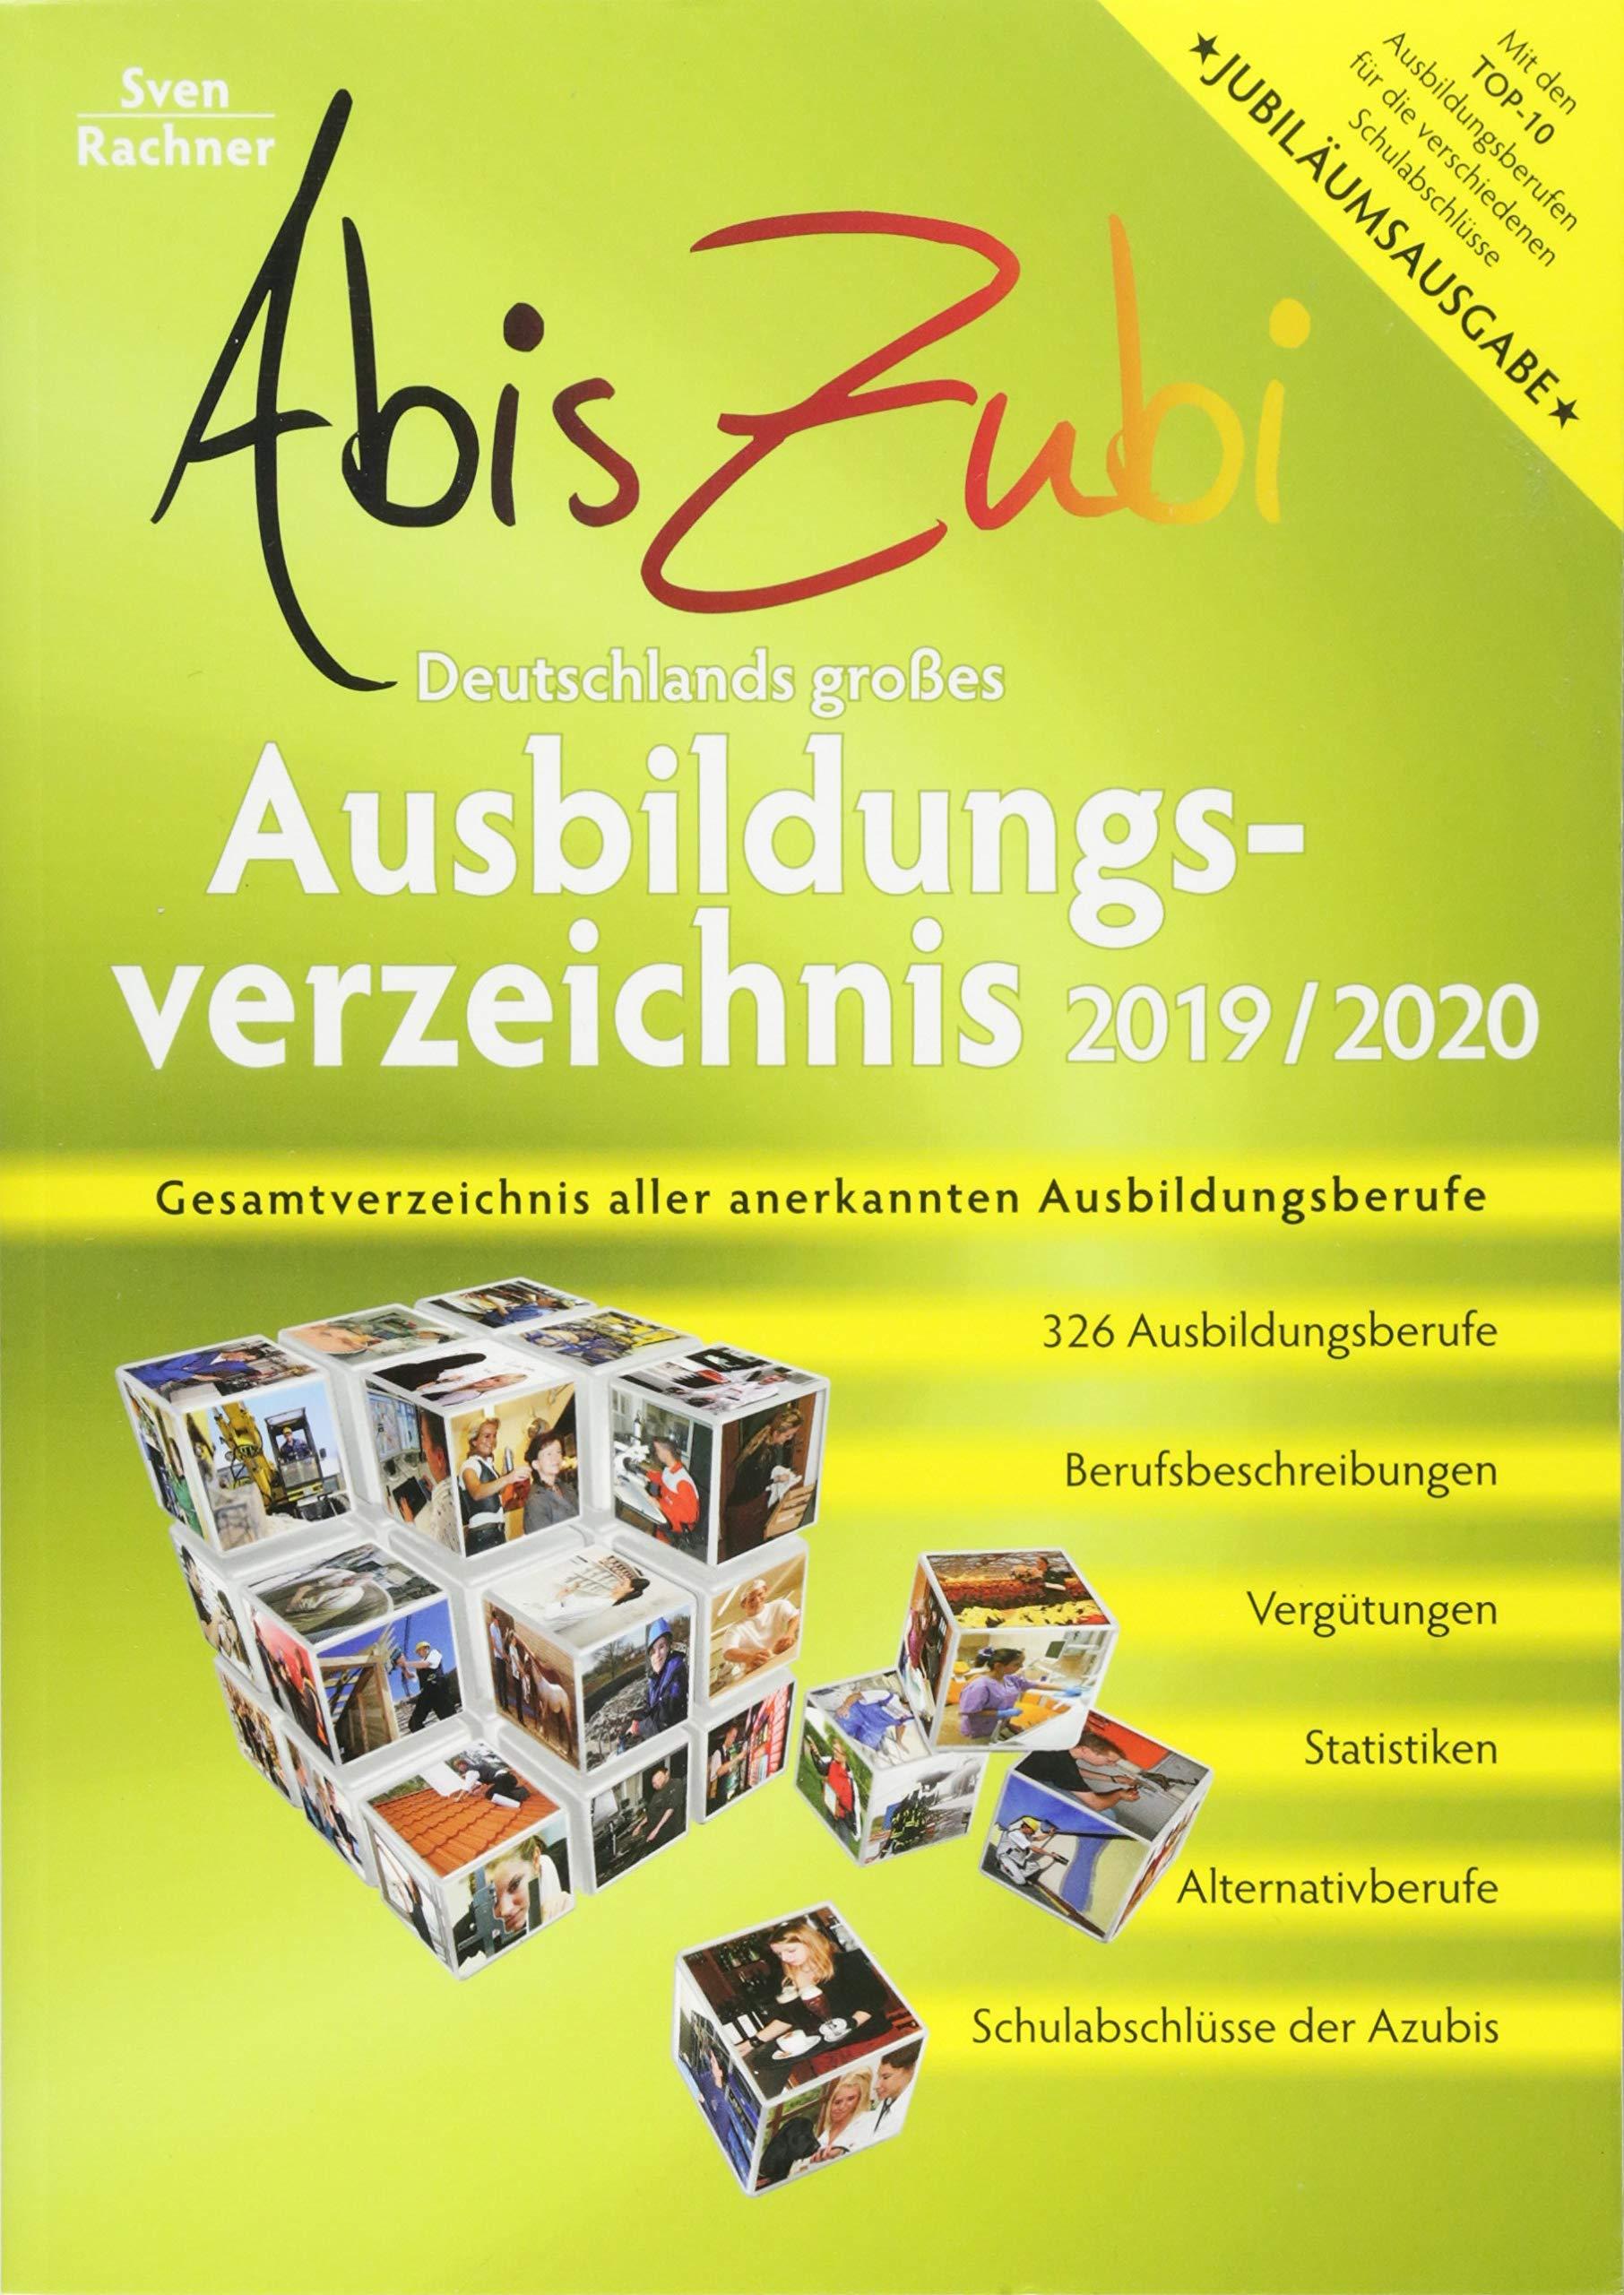 AbisZubi 2019 2020  Deutschlands Großes Ausbildungsverzeichnis